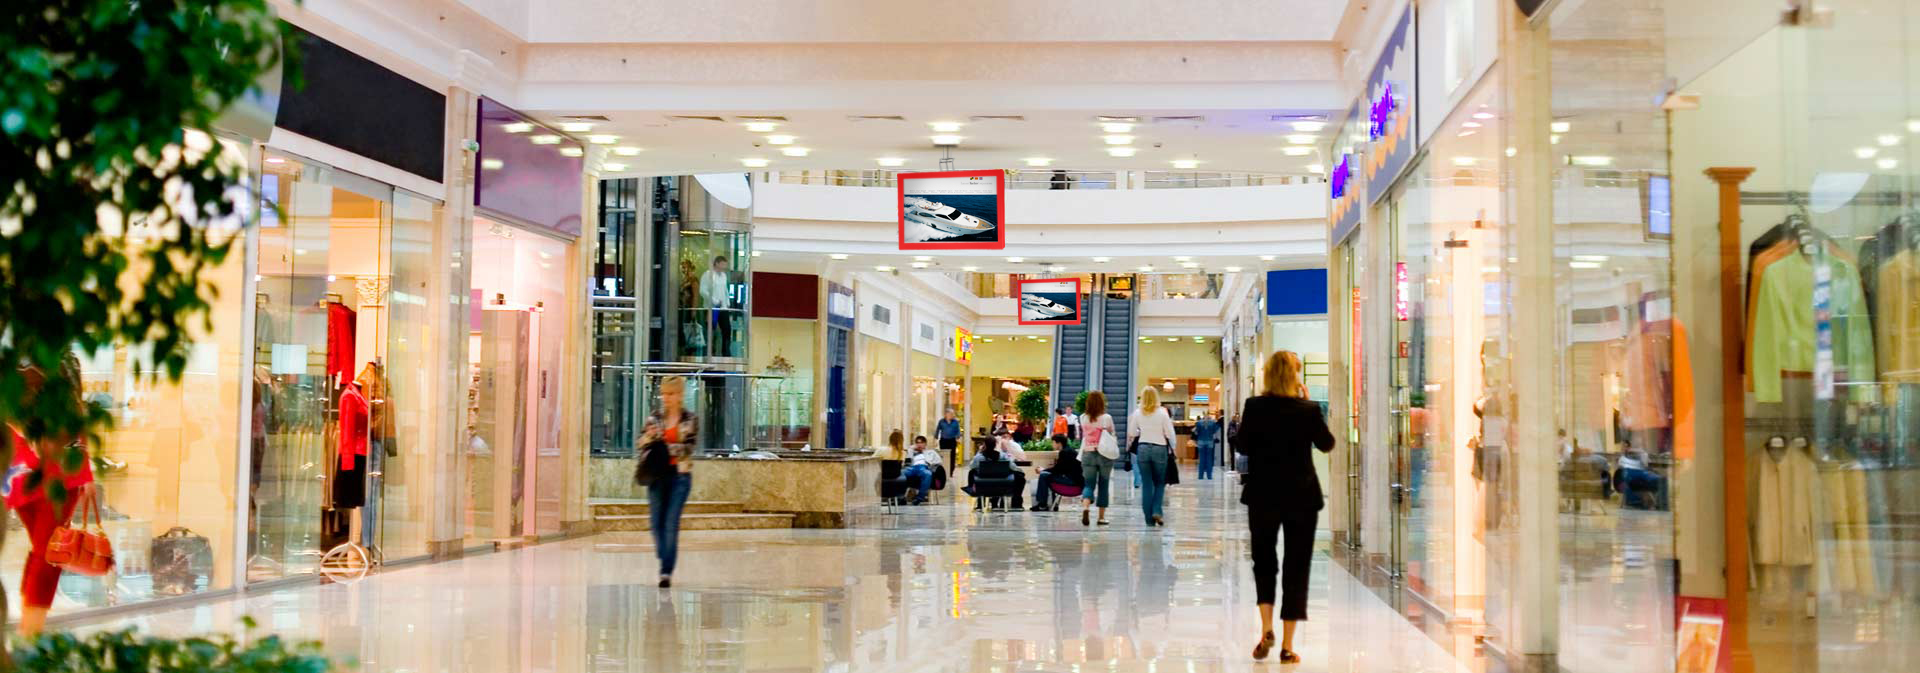 Tassazione tarsu dei centri commerciali come gallerie d for Ufficio tributi